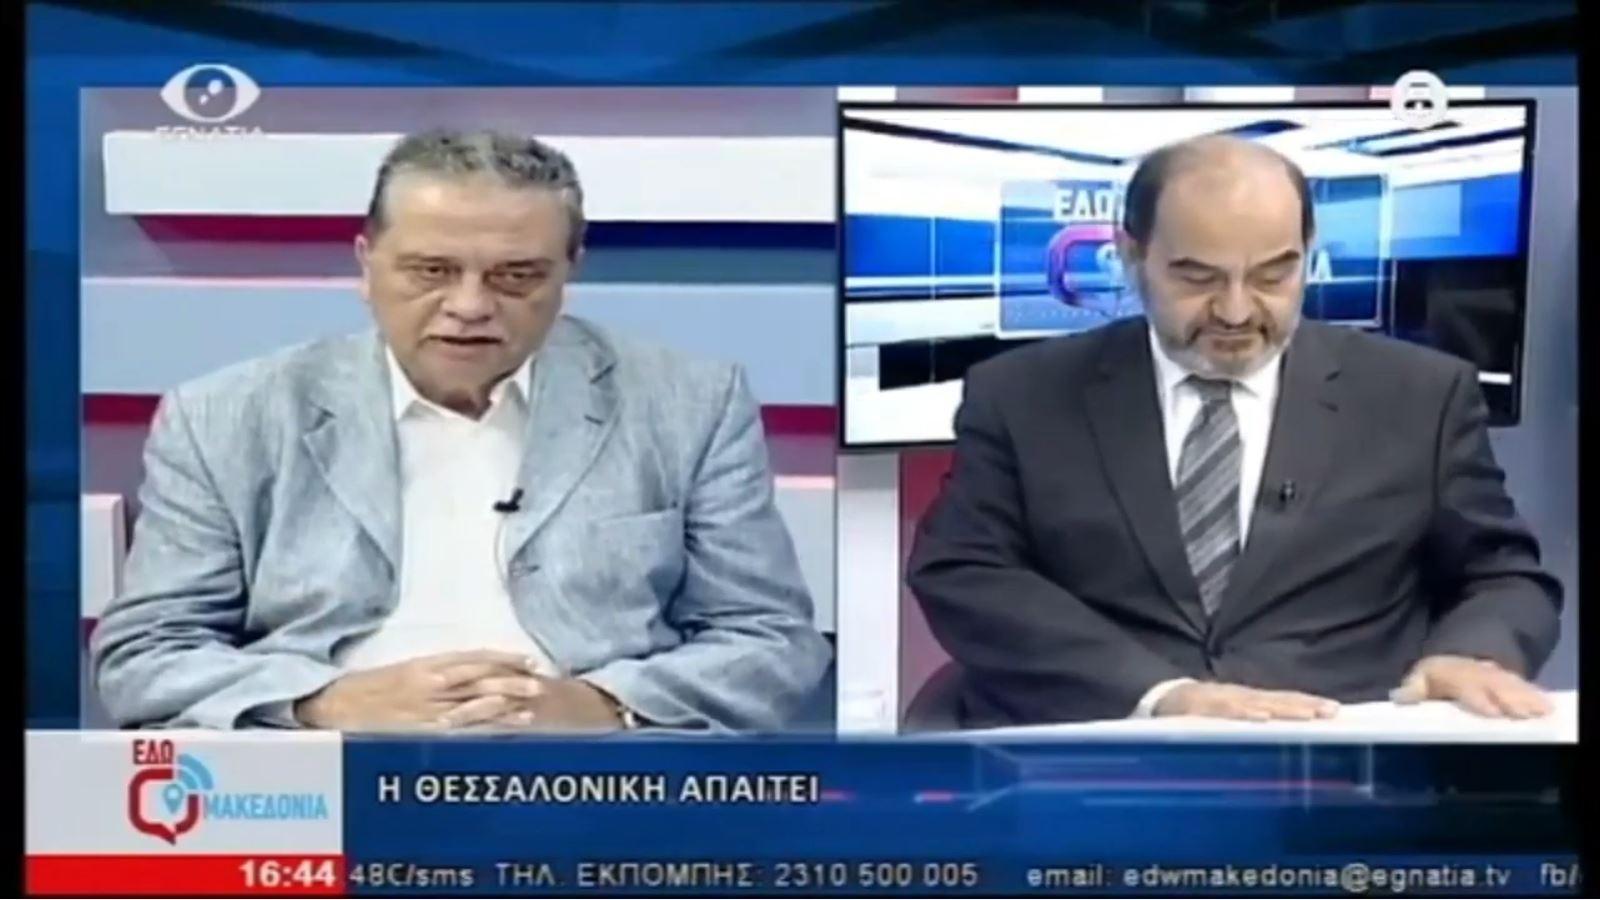 4-10-2019 | Εγνατία TV | Συνέντευξη στην εκπομπή Εδώ Μακεδονία του Αντώνη Οραήλογλου